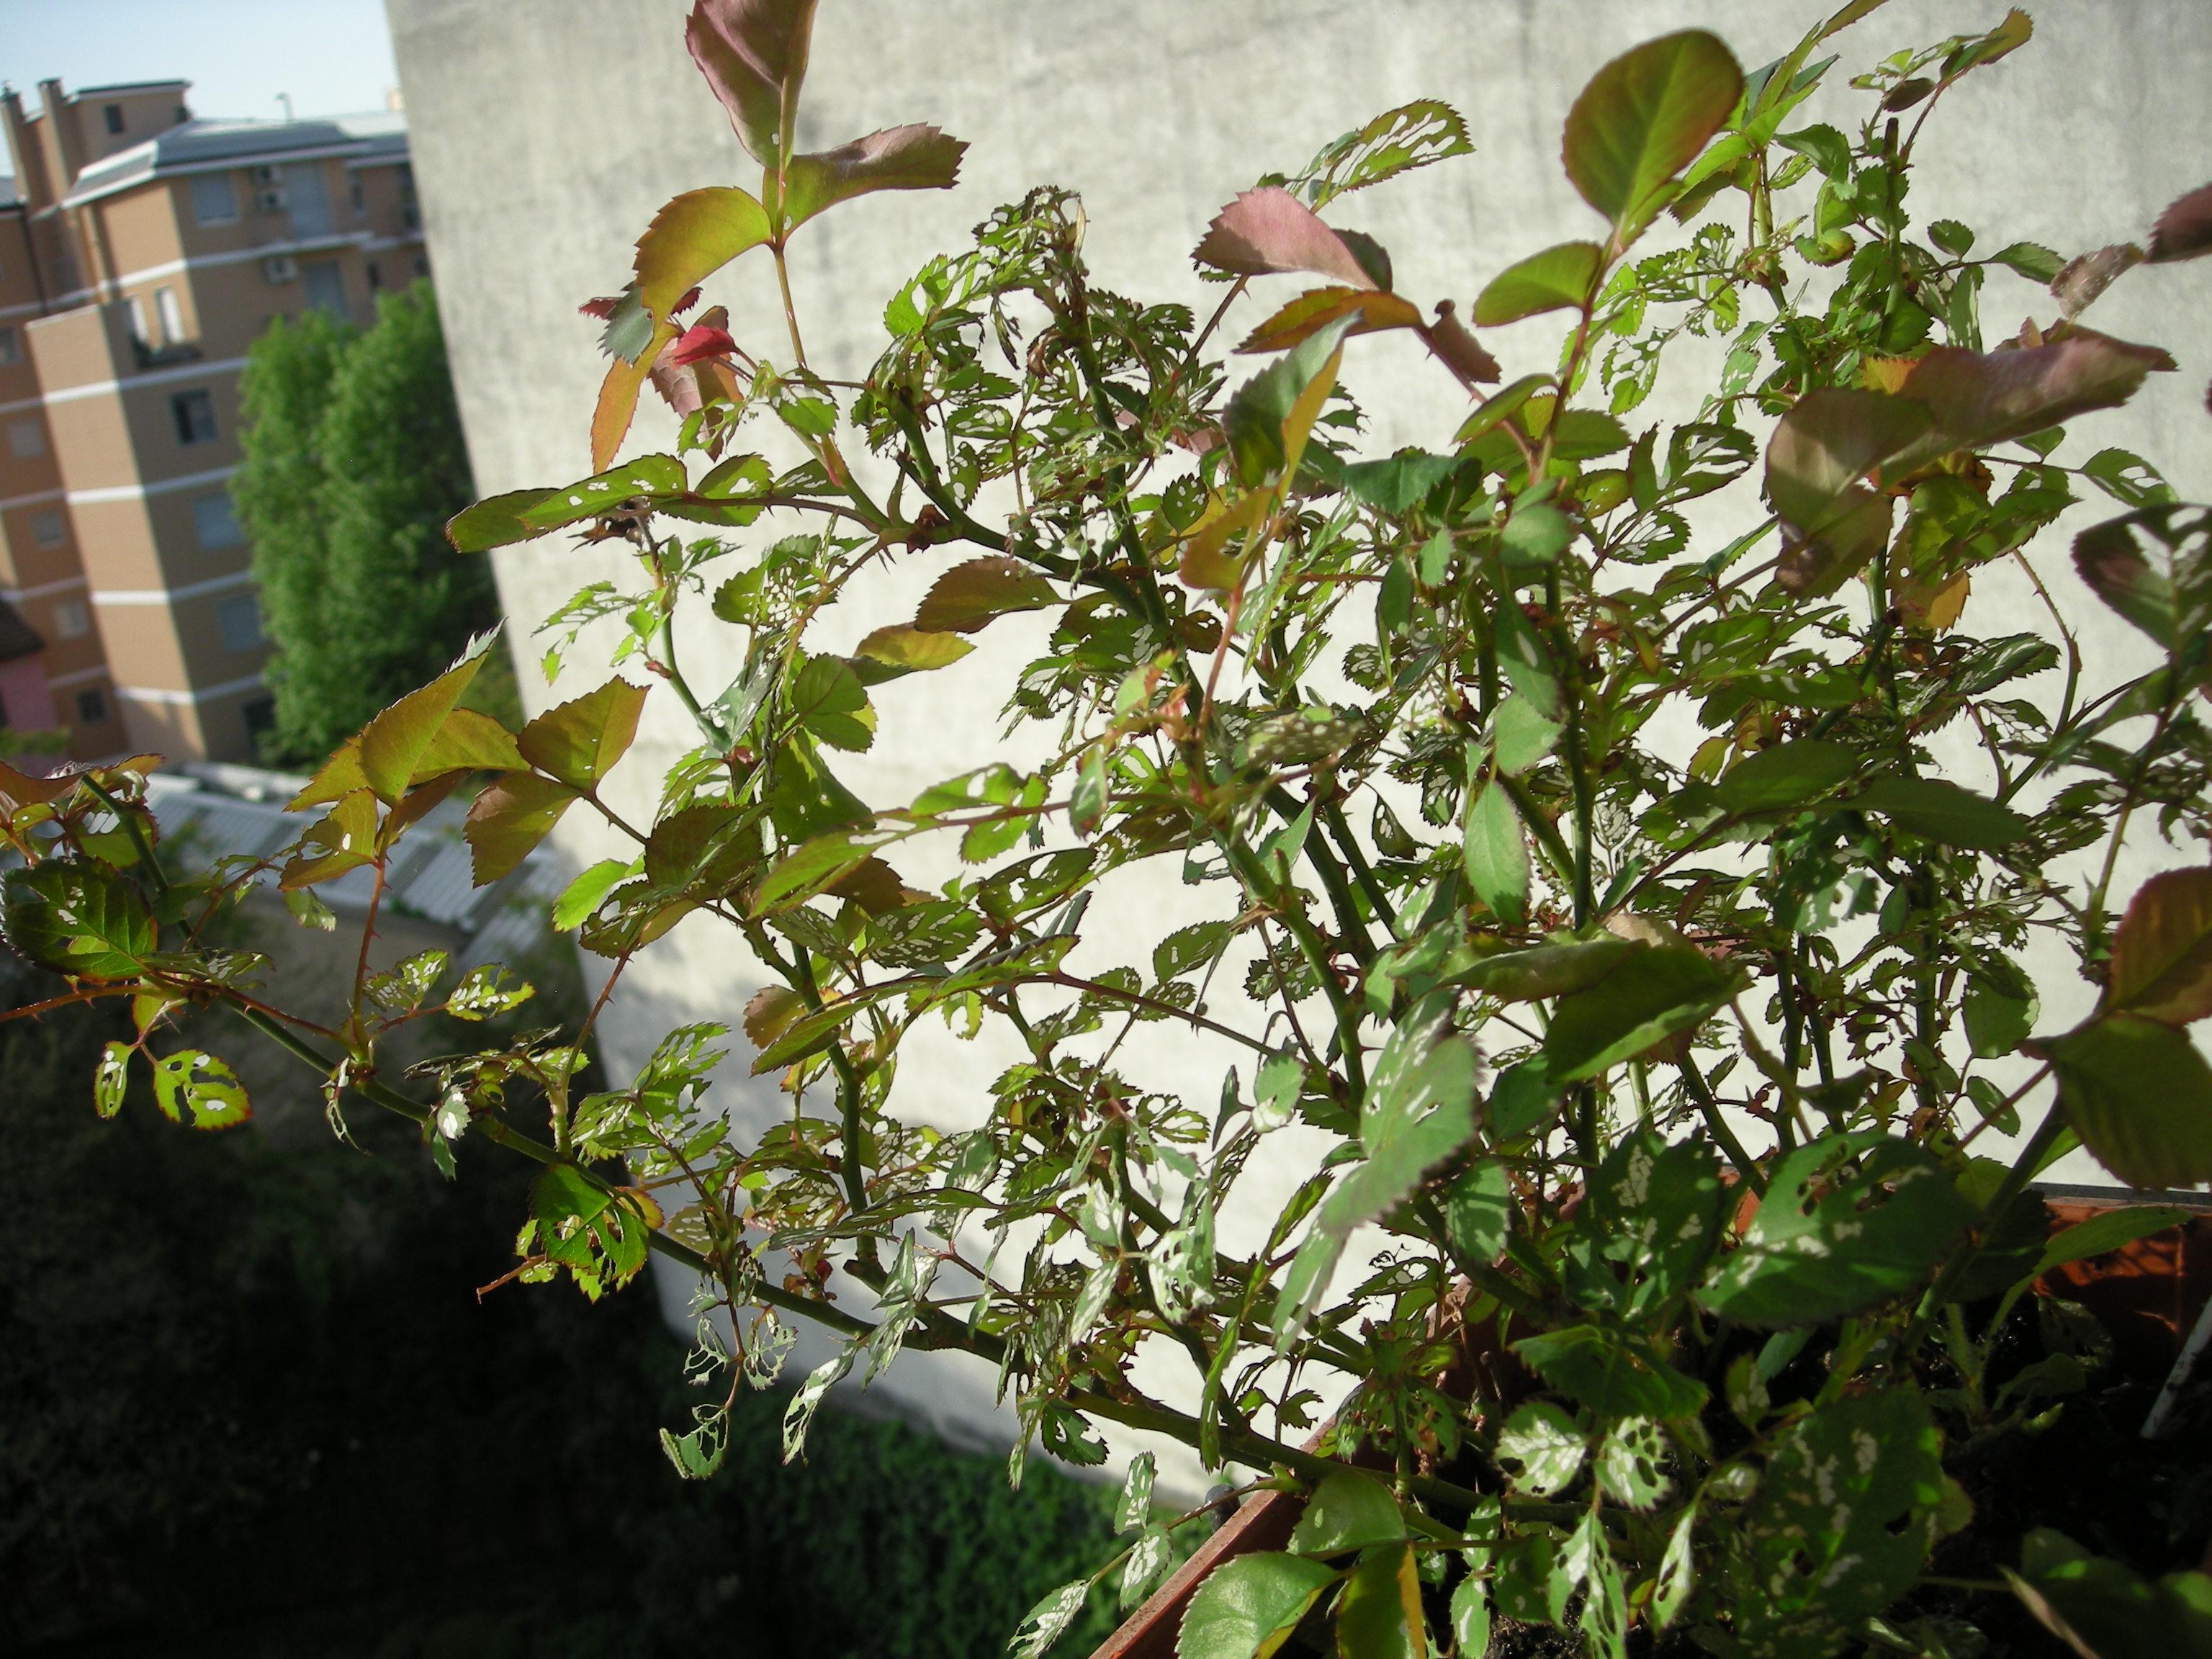 Malattia delle rose foglie mangiate ecospiragli di anna for Malattie delle rose